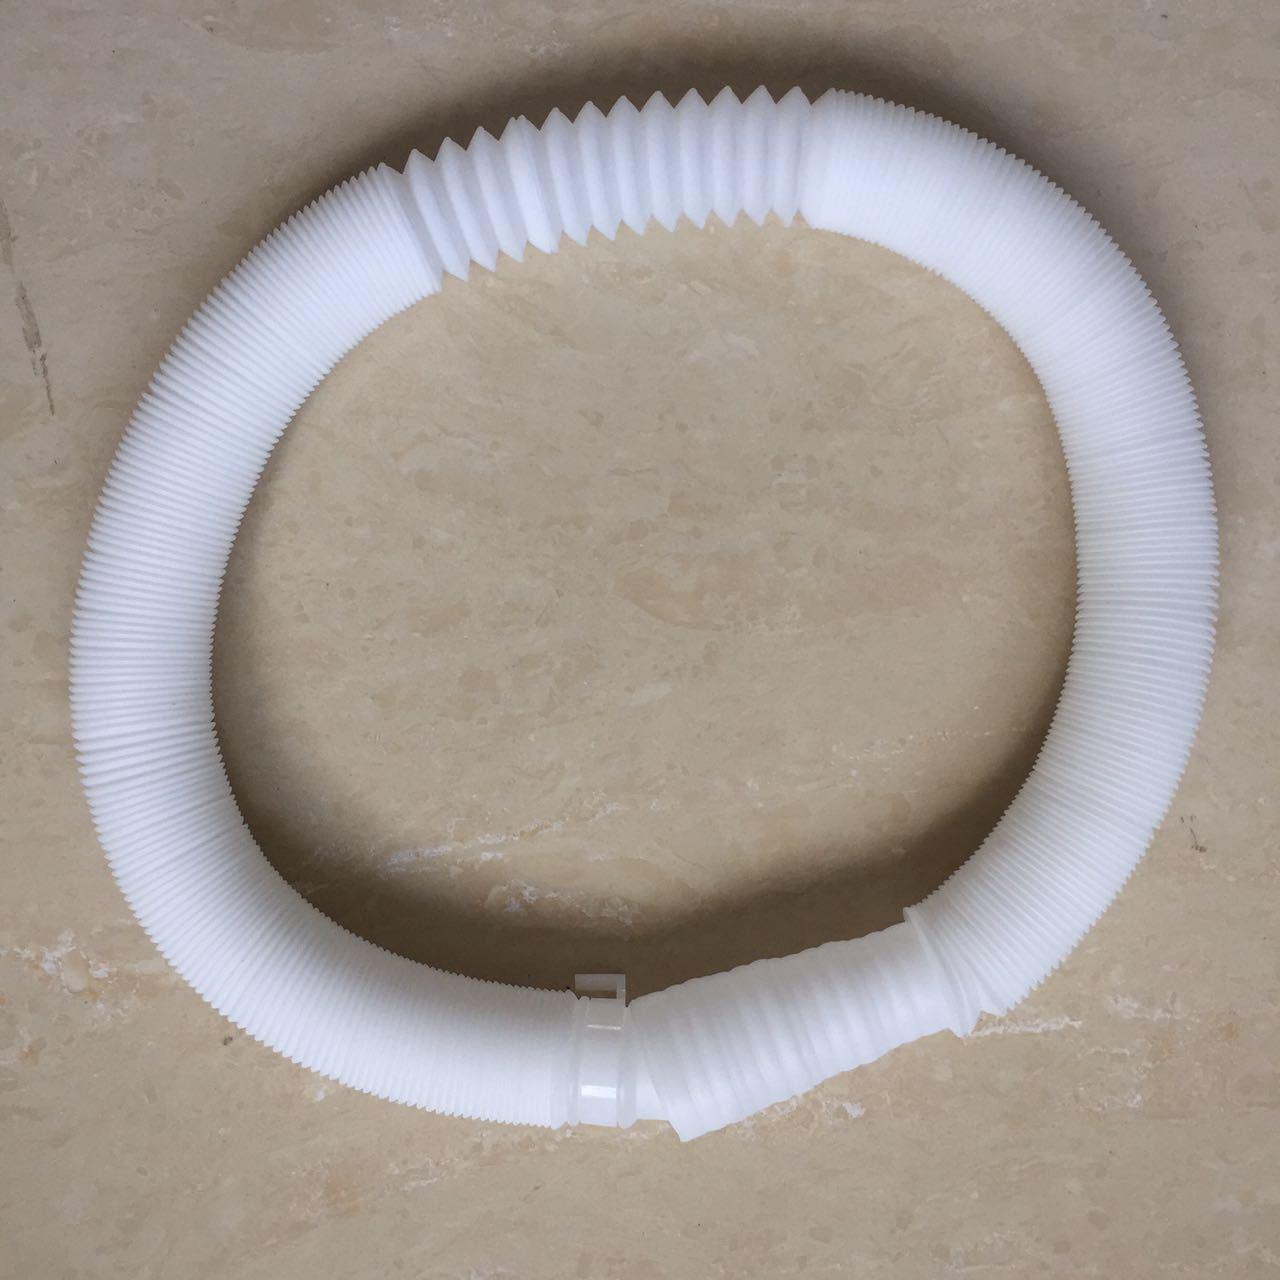 通用型洗衣机伸缩排水管伸缩下水管